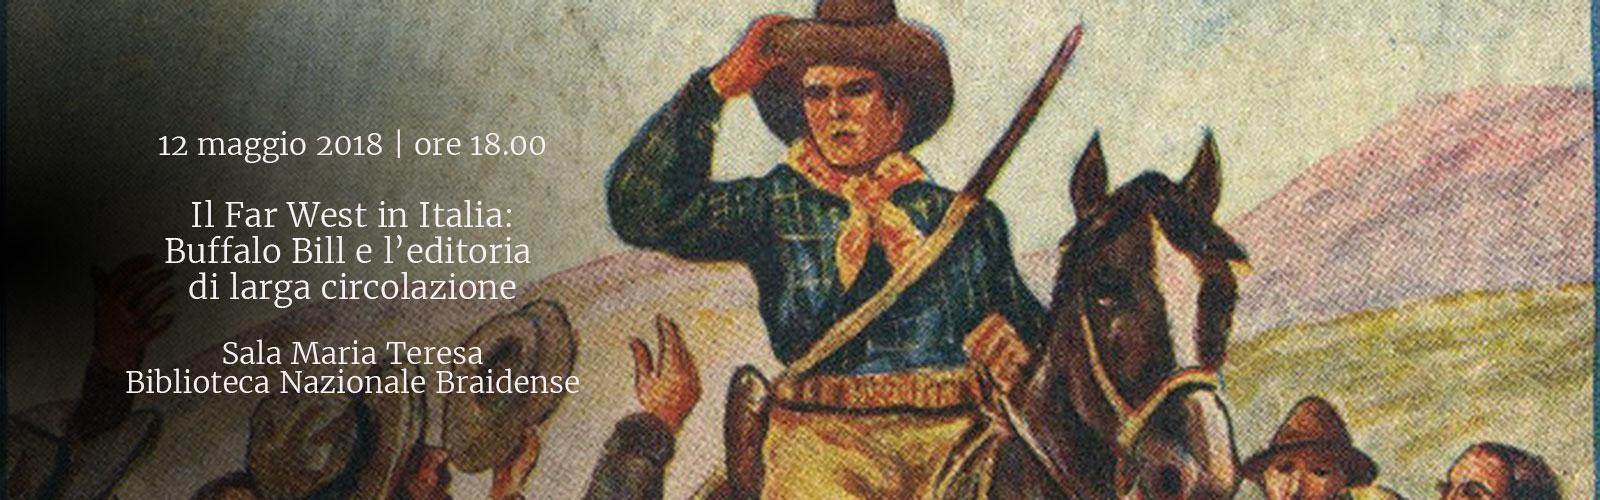 Il Far West in Italia:  Buffalo Bill e l'editoria di larga circolazione